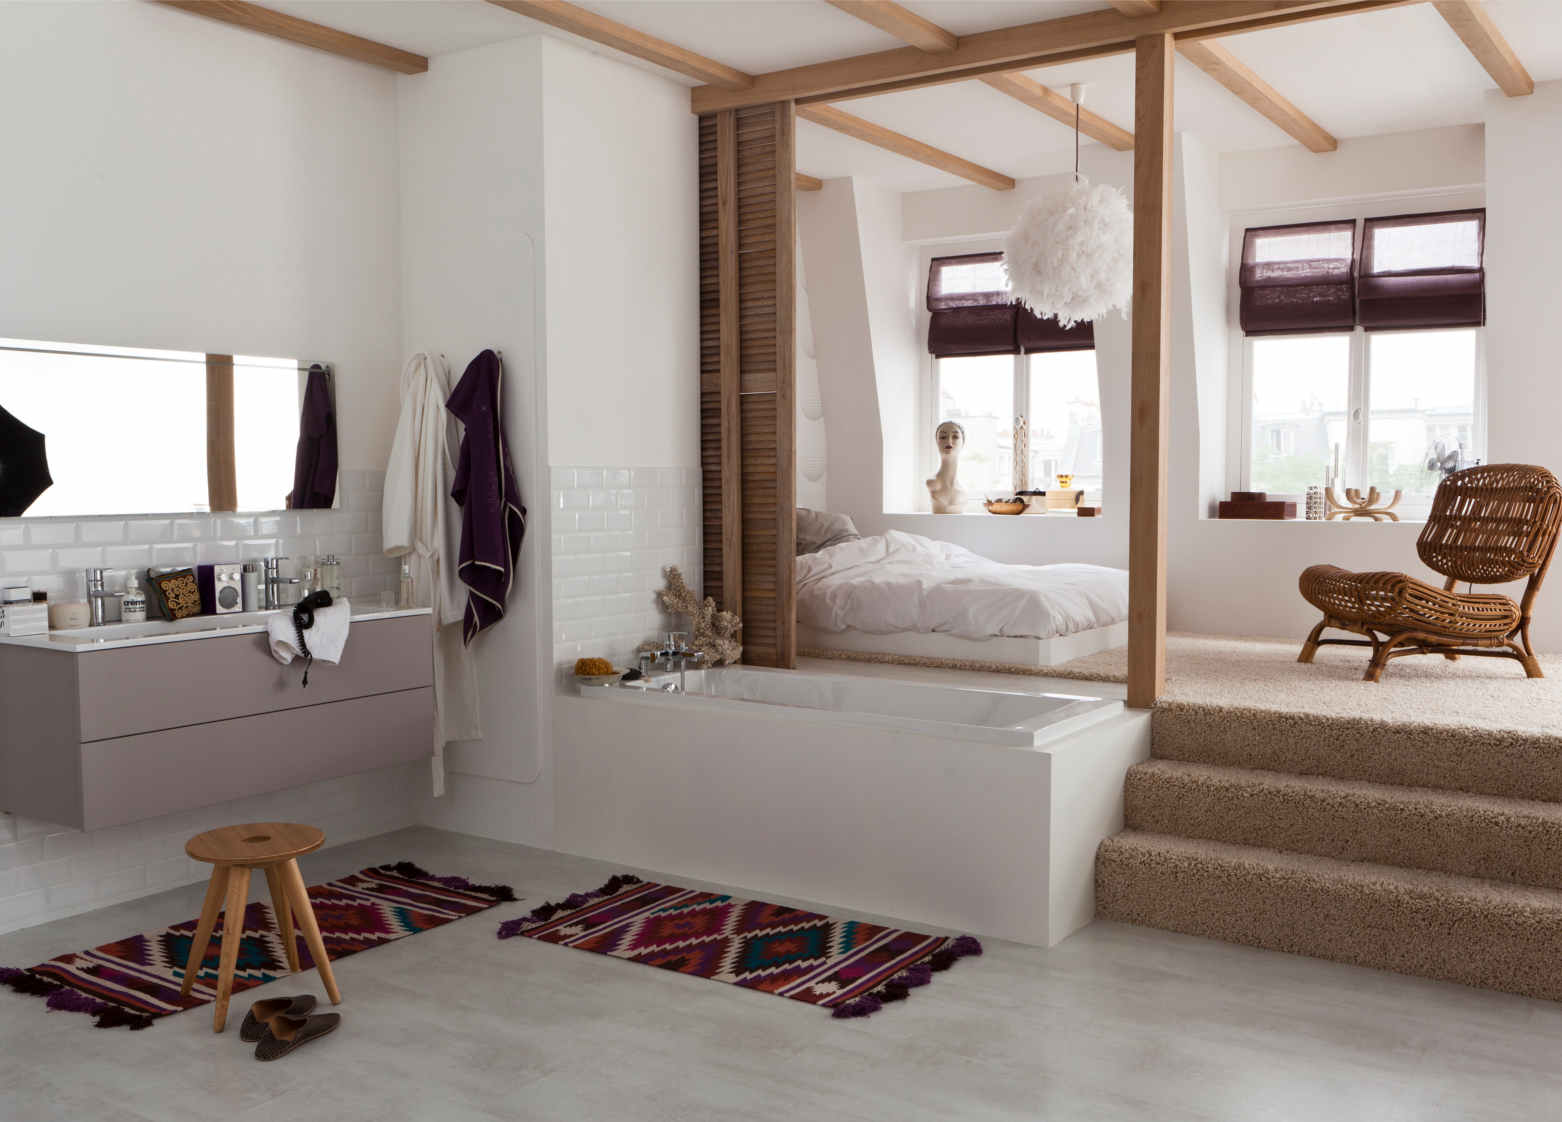 Tout savoir sur la salle de bains ouverte sur la chambre - Chambre avec salle de bain ouverte ...